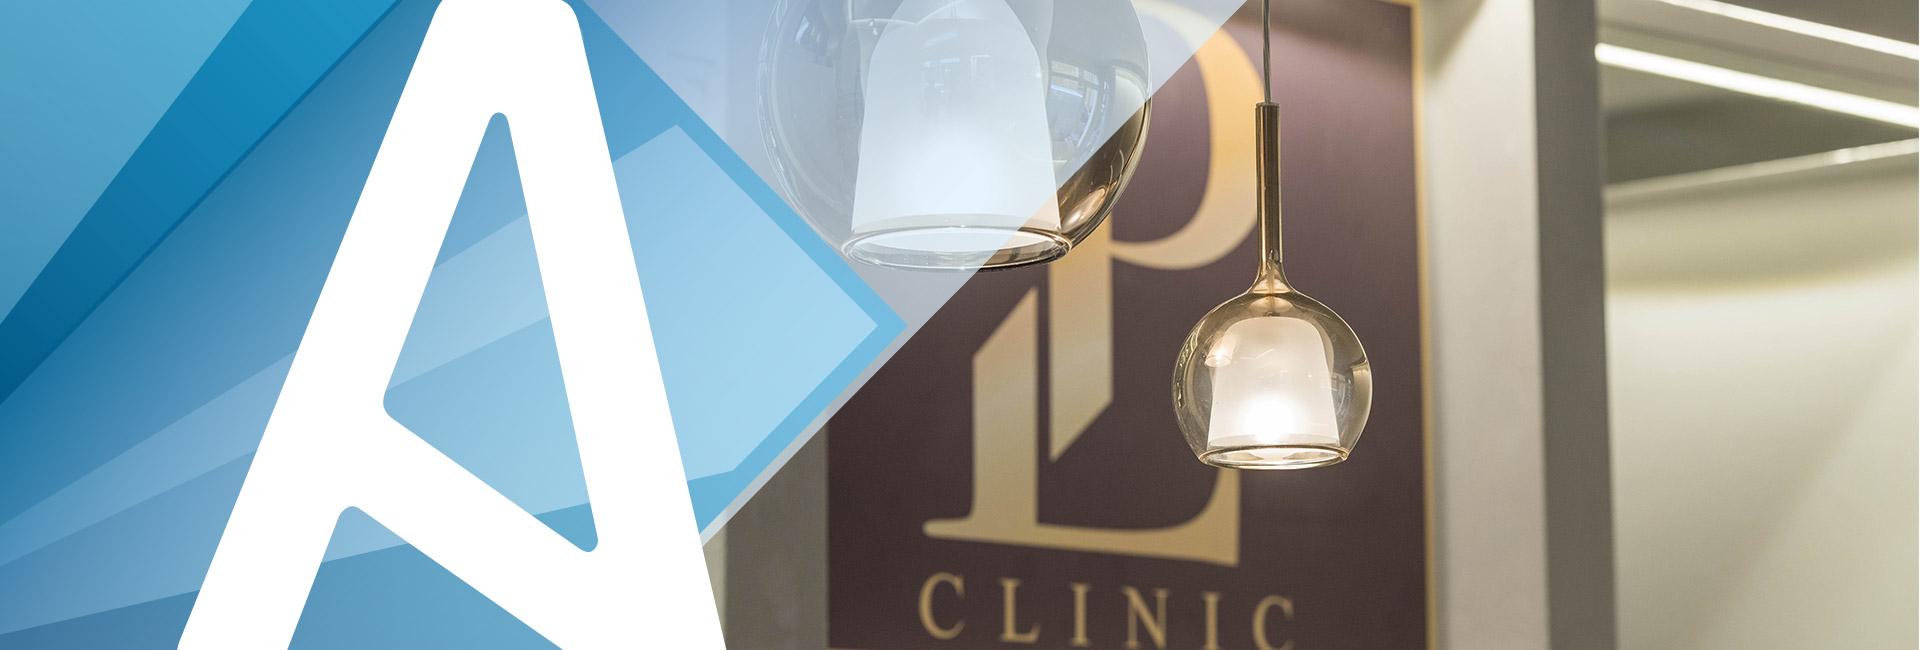 slide_news-lpclinic